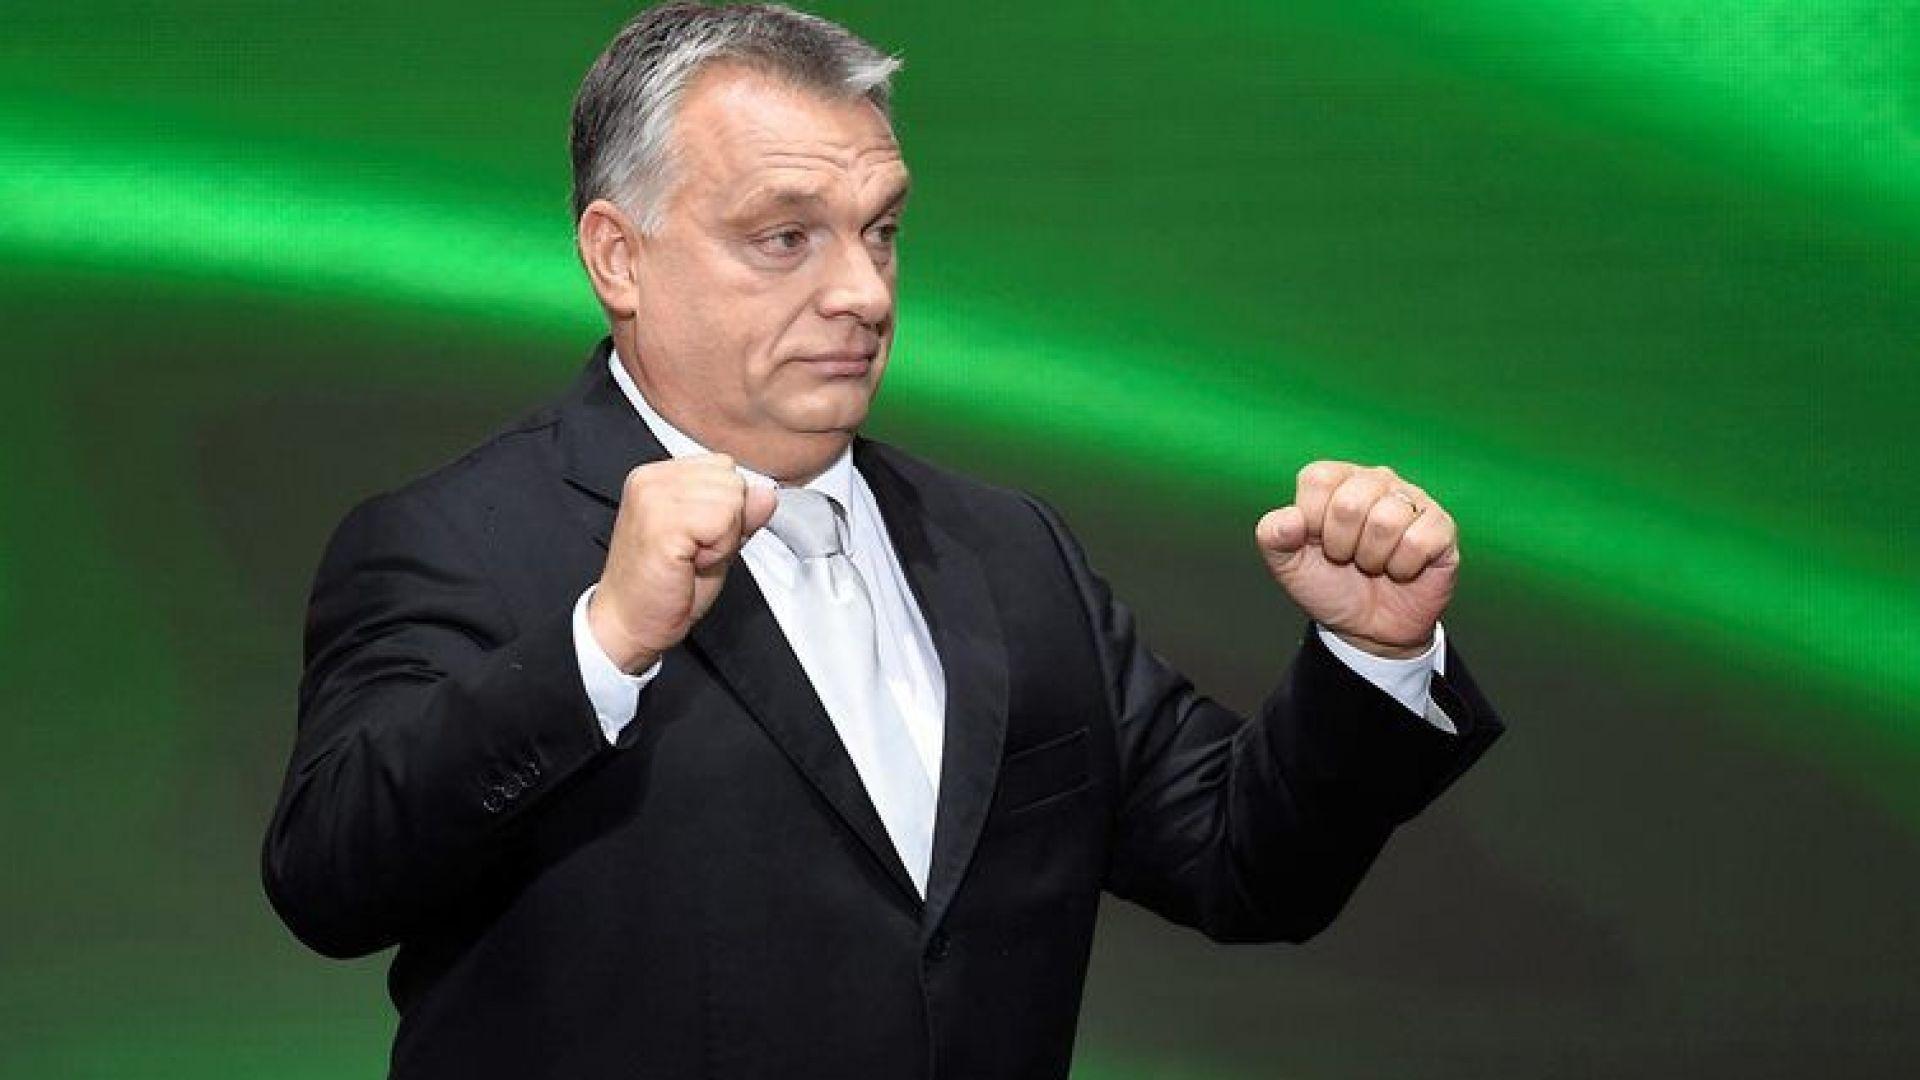 Европейската народна партия ще обсъди дали да изключи партията на Орбан